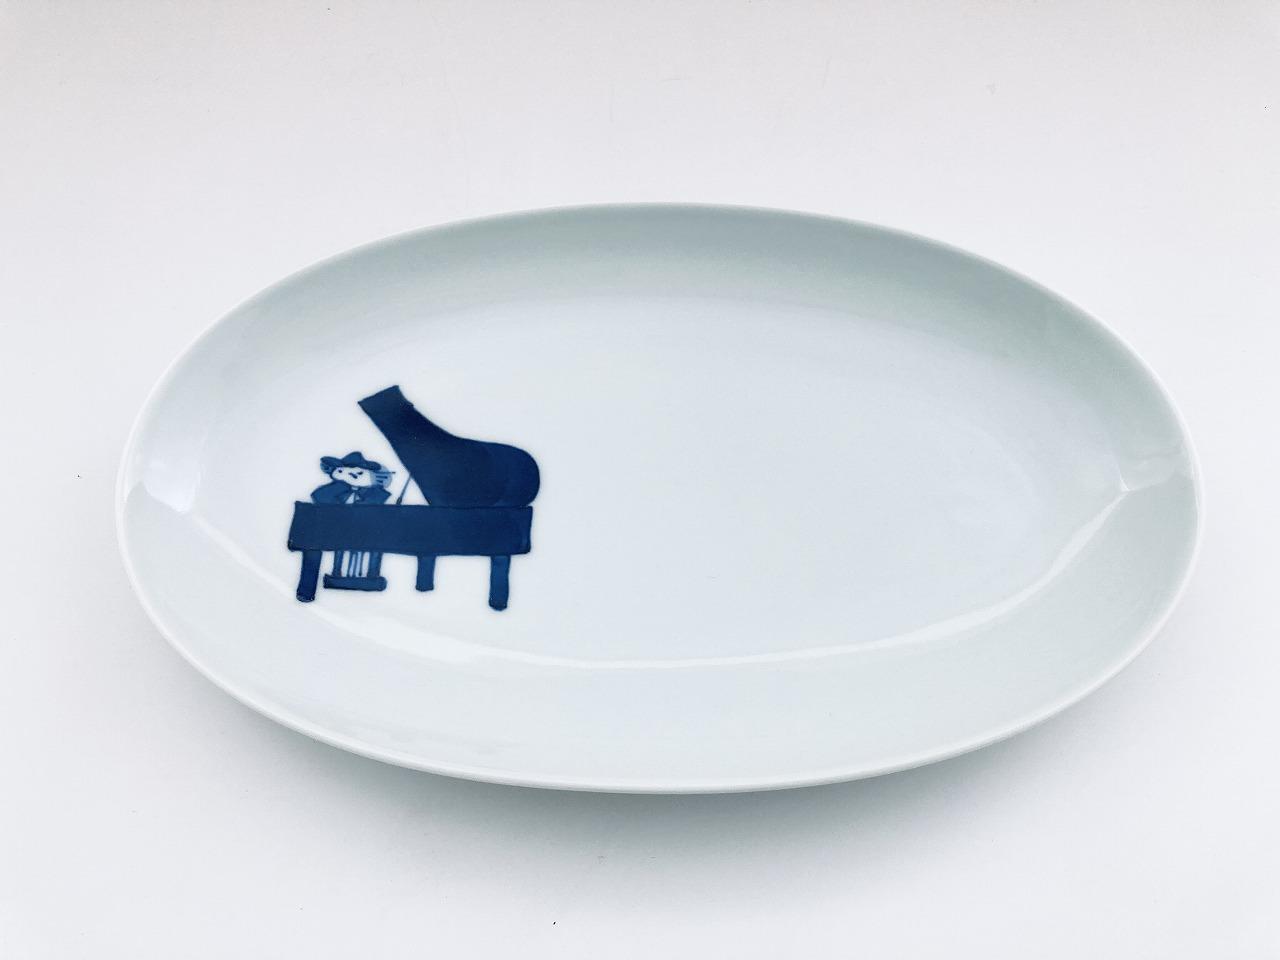 ピアノ小判幅広焼皿 しん窯青花